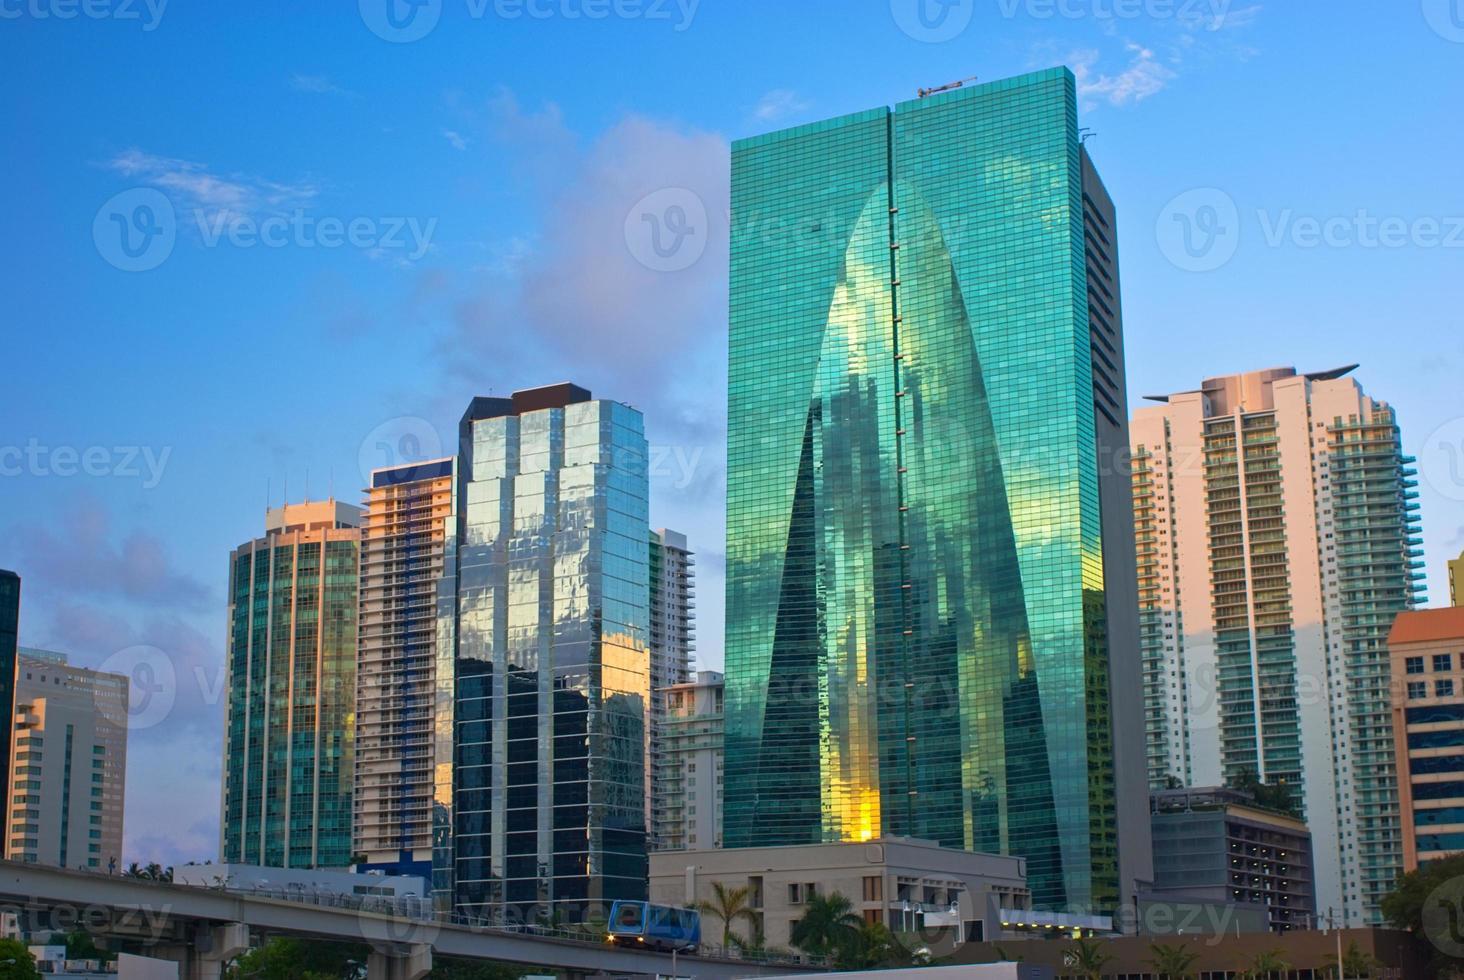 Innenstadt von Miami Gebäude foto